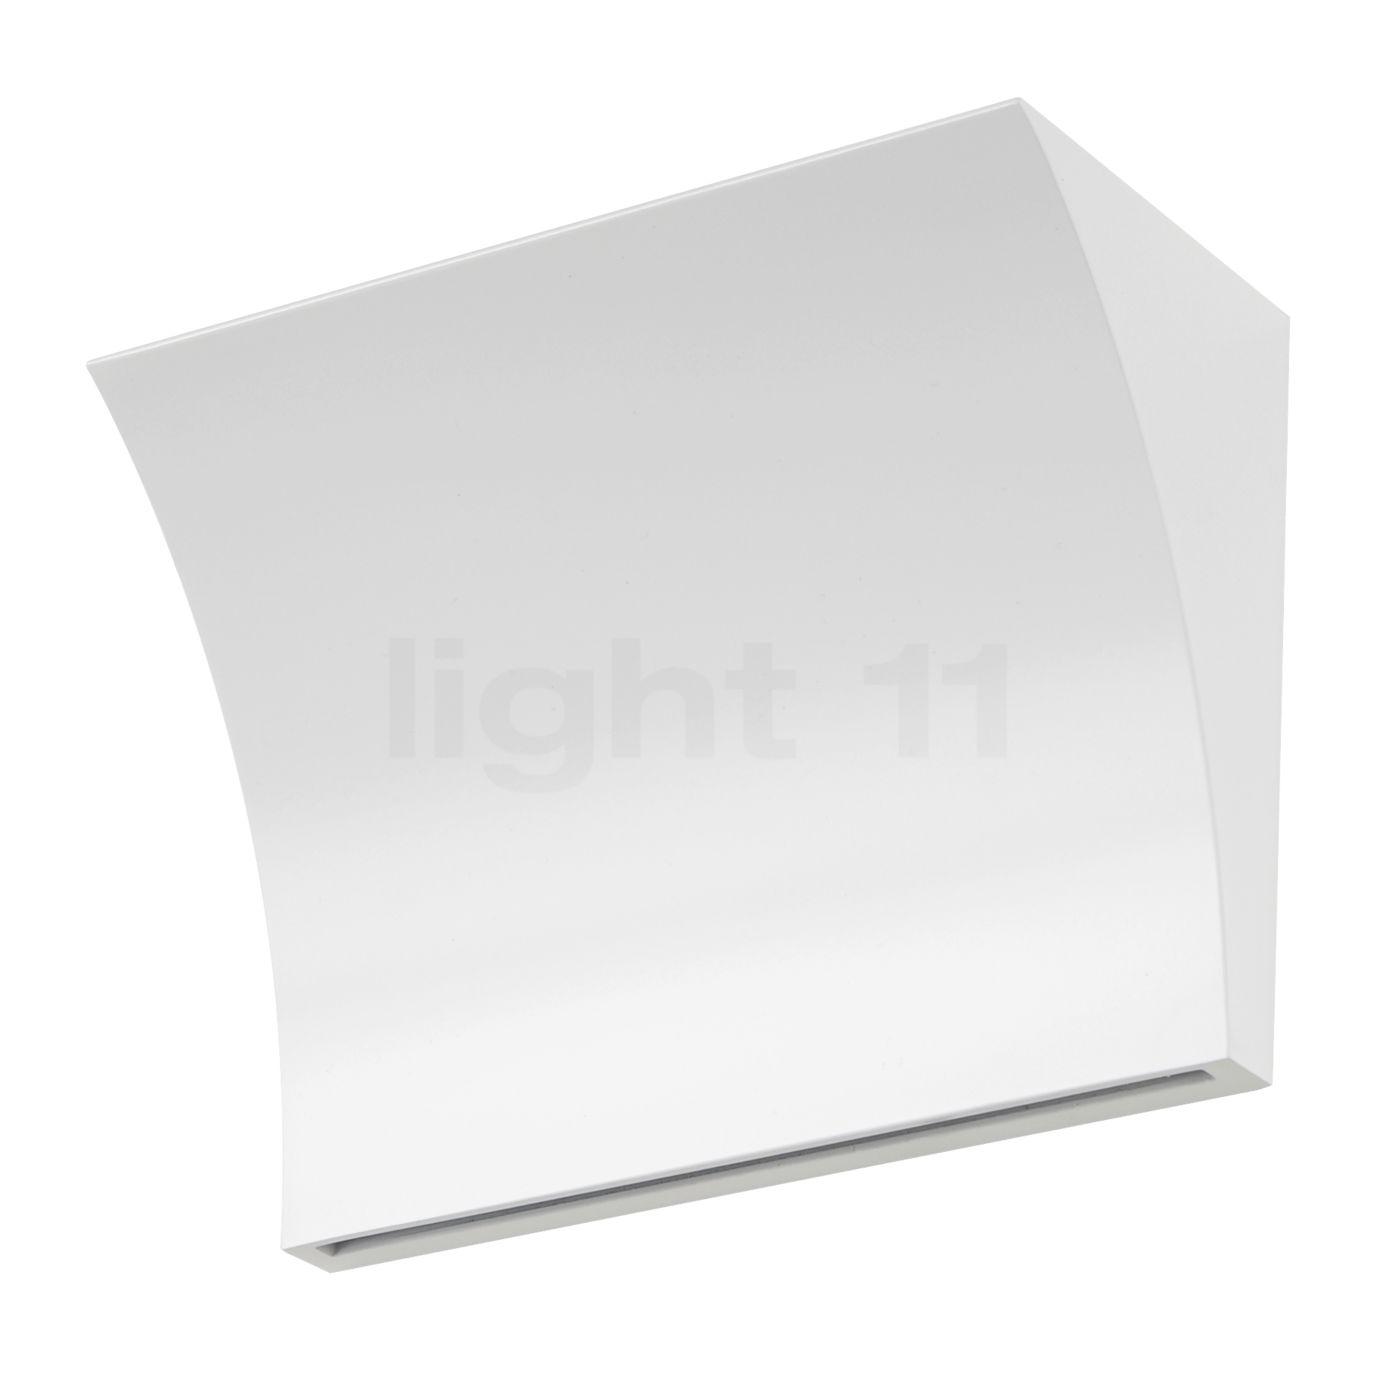 Flos_Pochette_Up_Down--b7b6208cb0dea2e4d94e845644d57376 Faszinierend Up Down Lampe Dekorationen